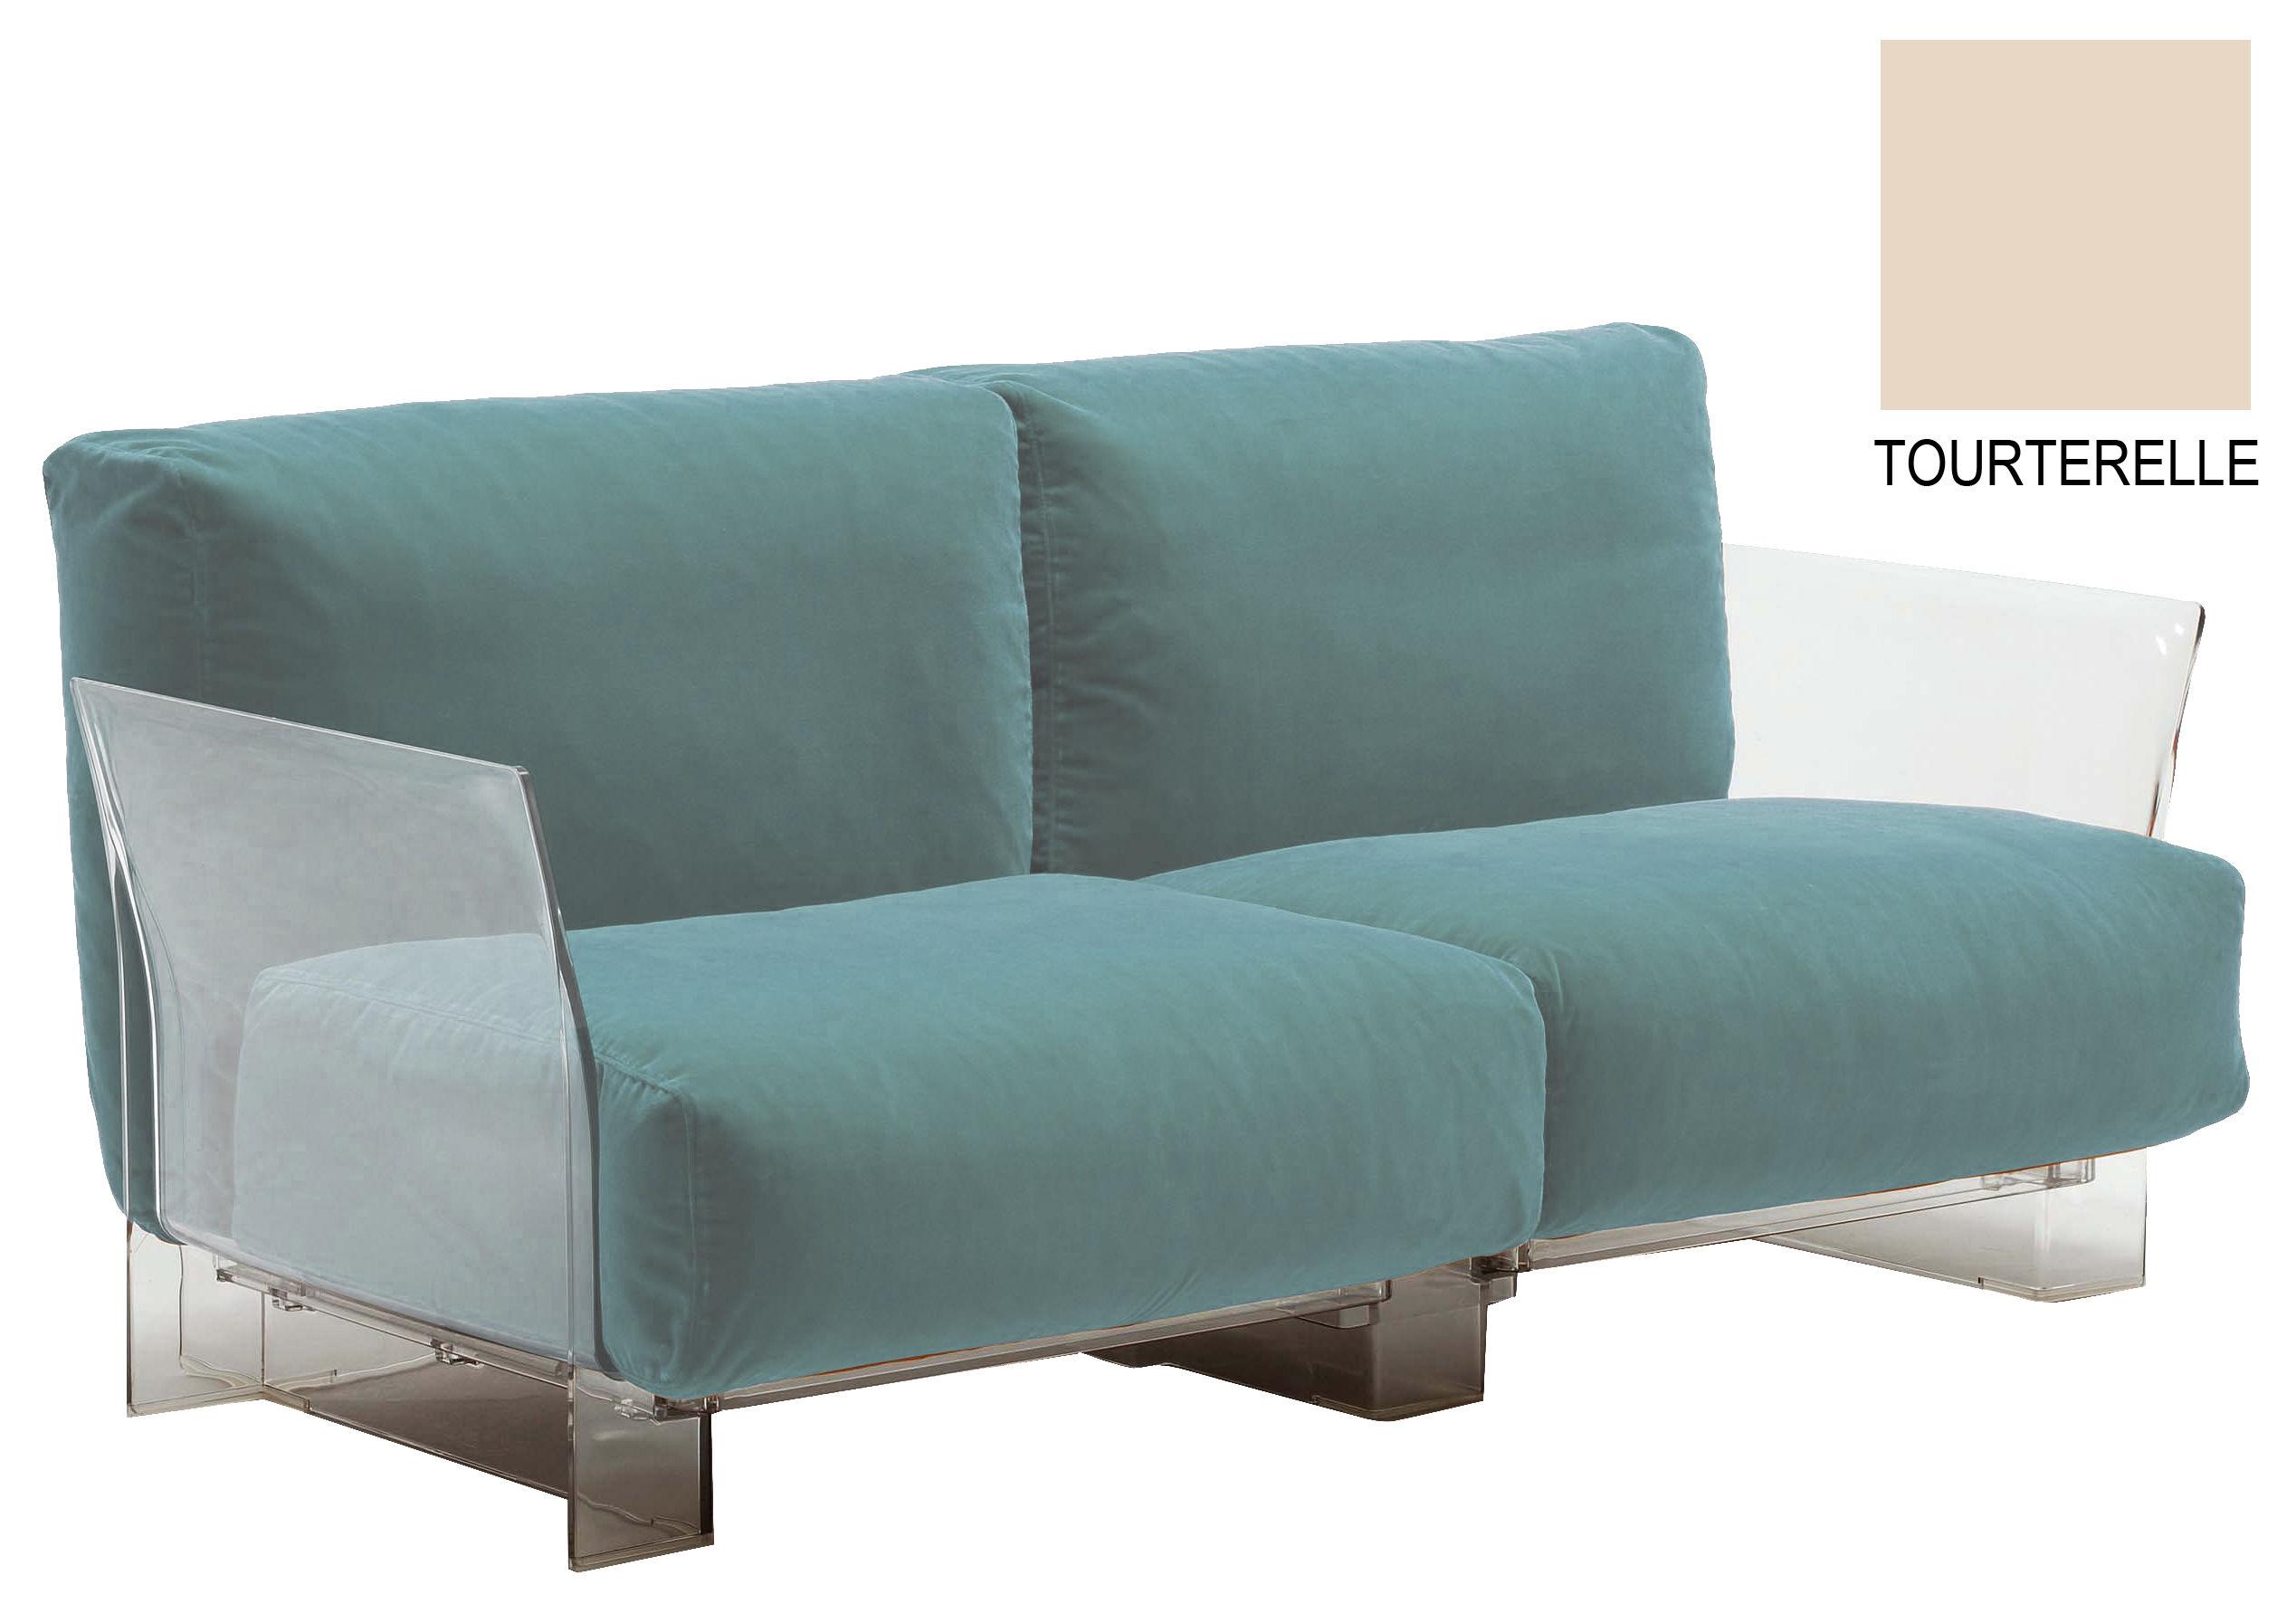 canap droit pop outdoor 2 places l 175 cm tourterelle kartell. Black Bedroom Furniture Sets. Home Design Ideas